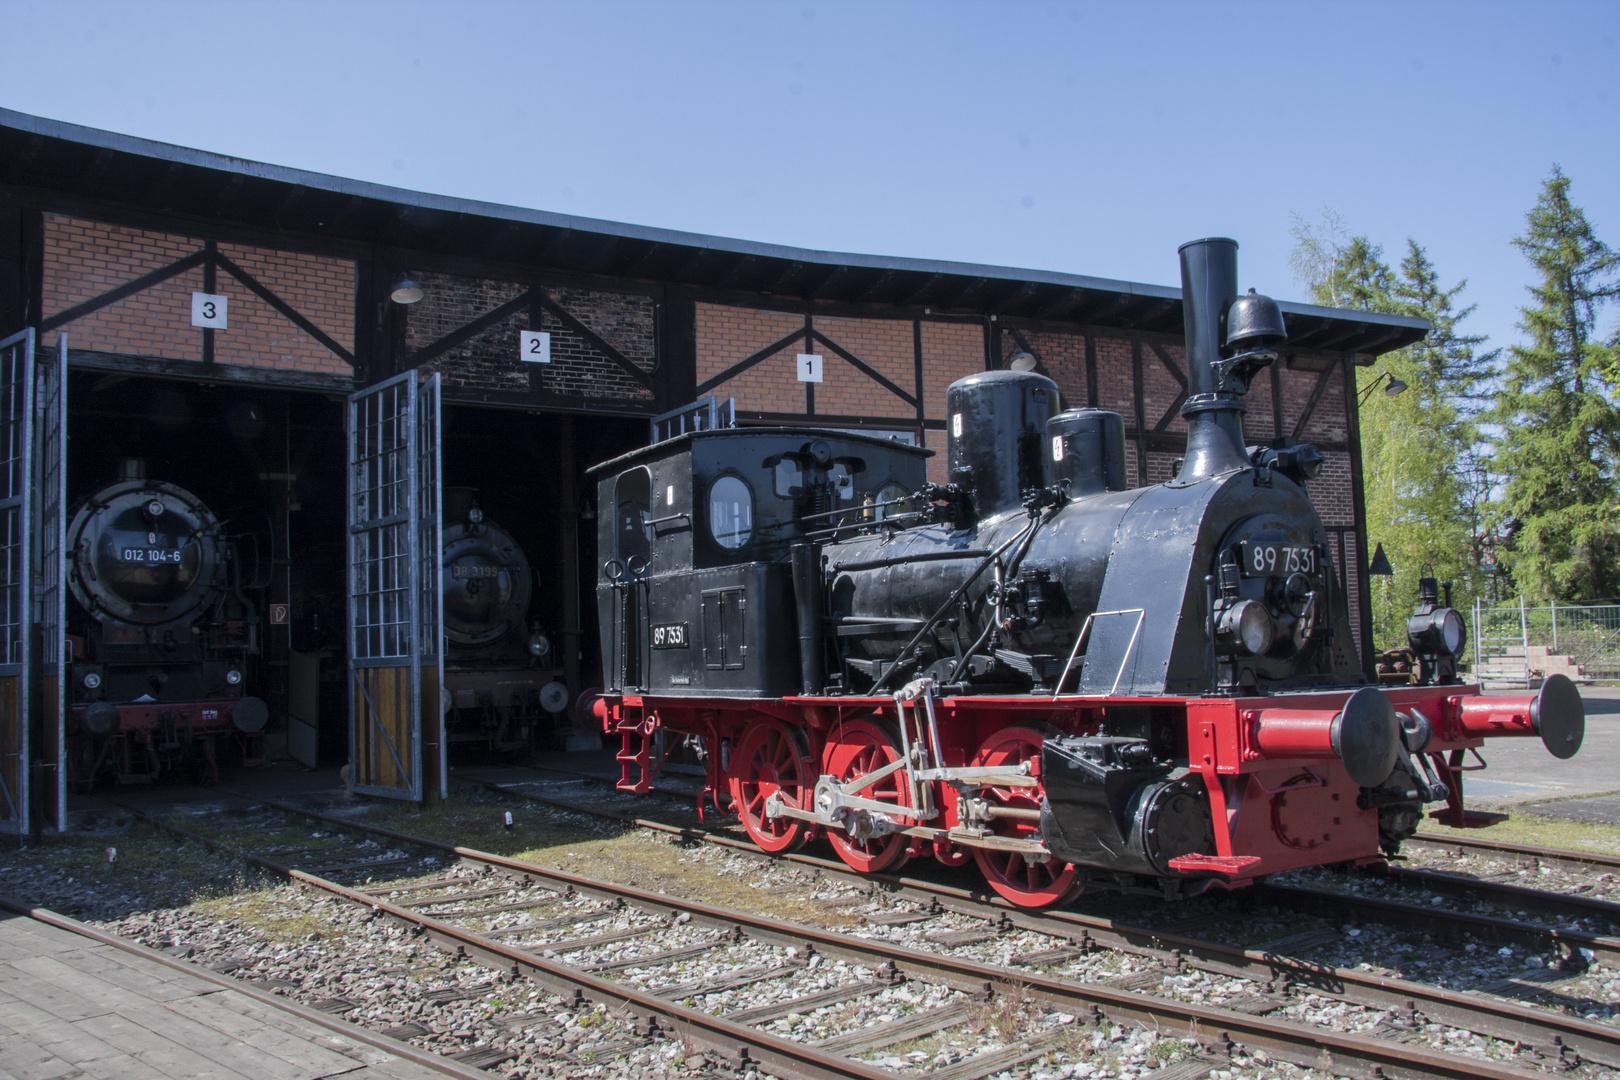 Eisenbahnmuseum Heilbronn Bj 1898